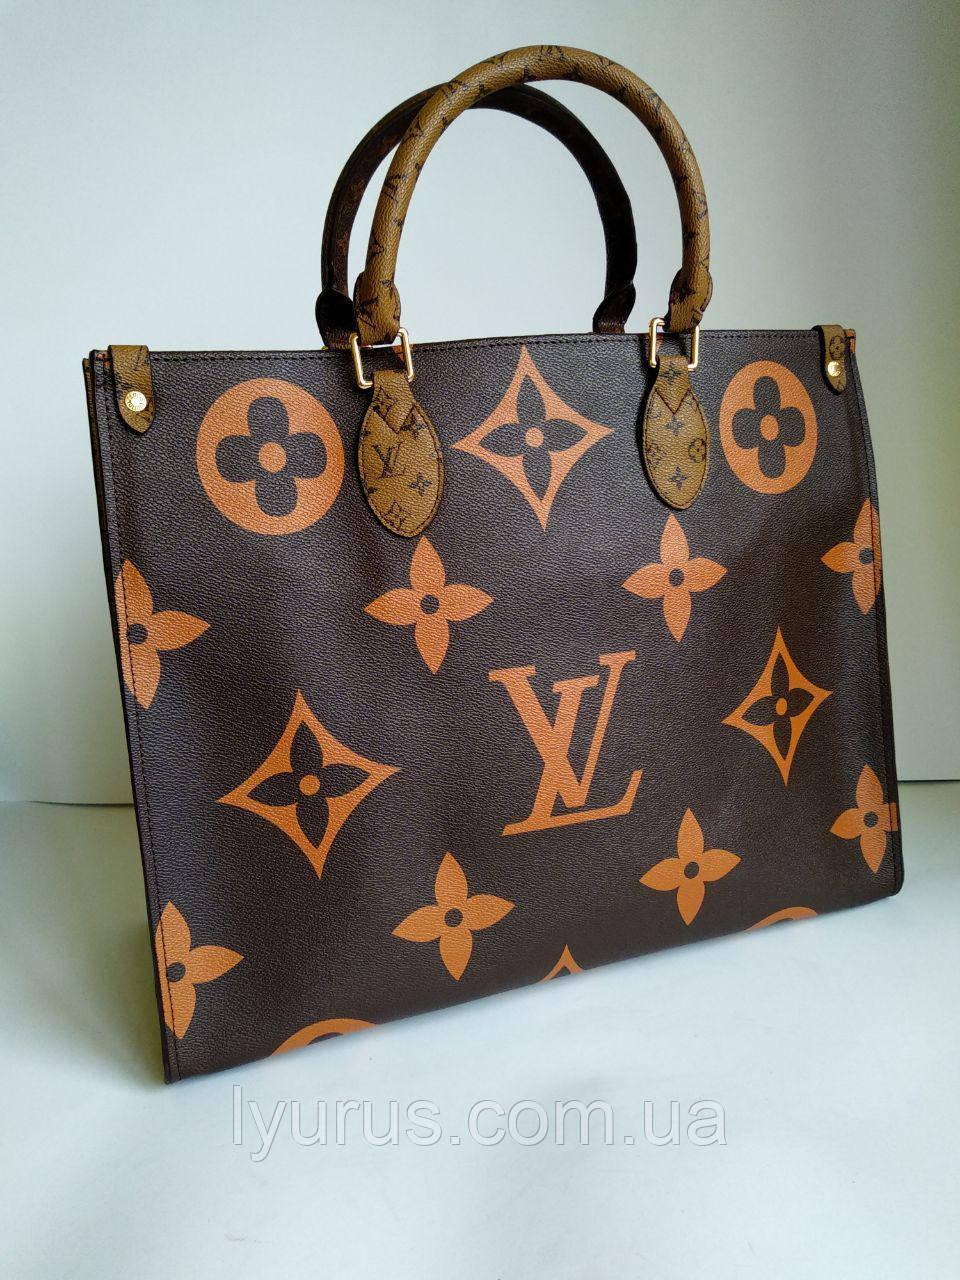 Сумка женская вместительная Louis Vuitton шопер